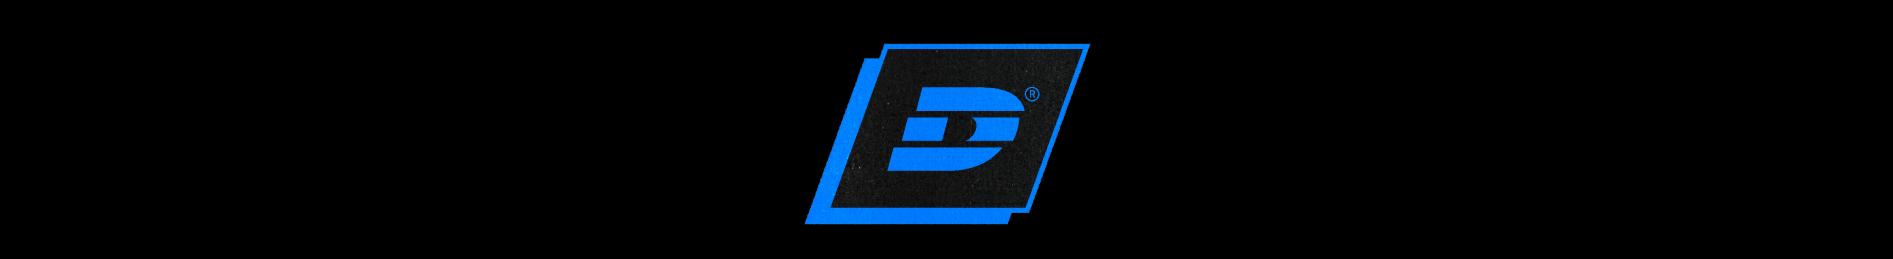 D-slider